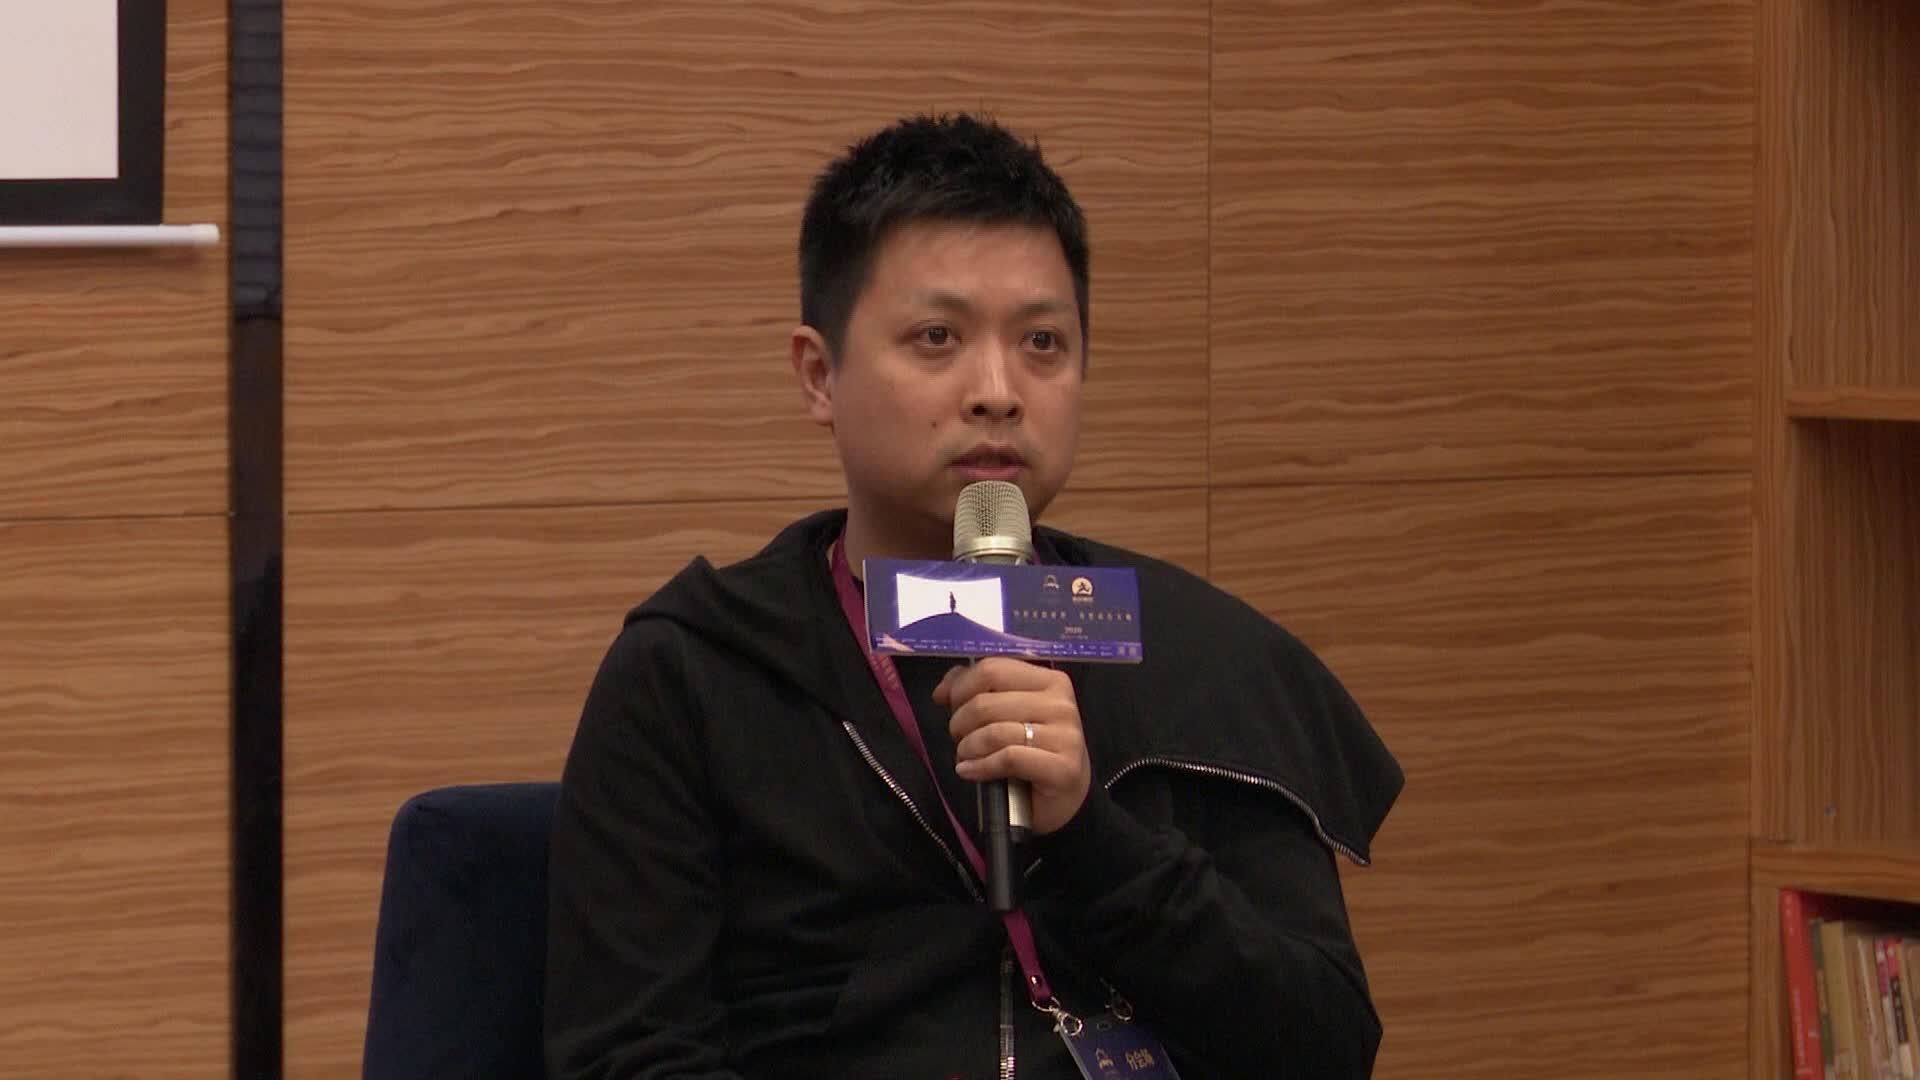 分享关于动画电影的艰难历程与故事——赵霁谈国产动画崛起